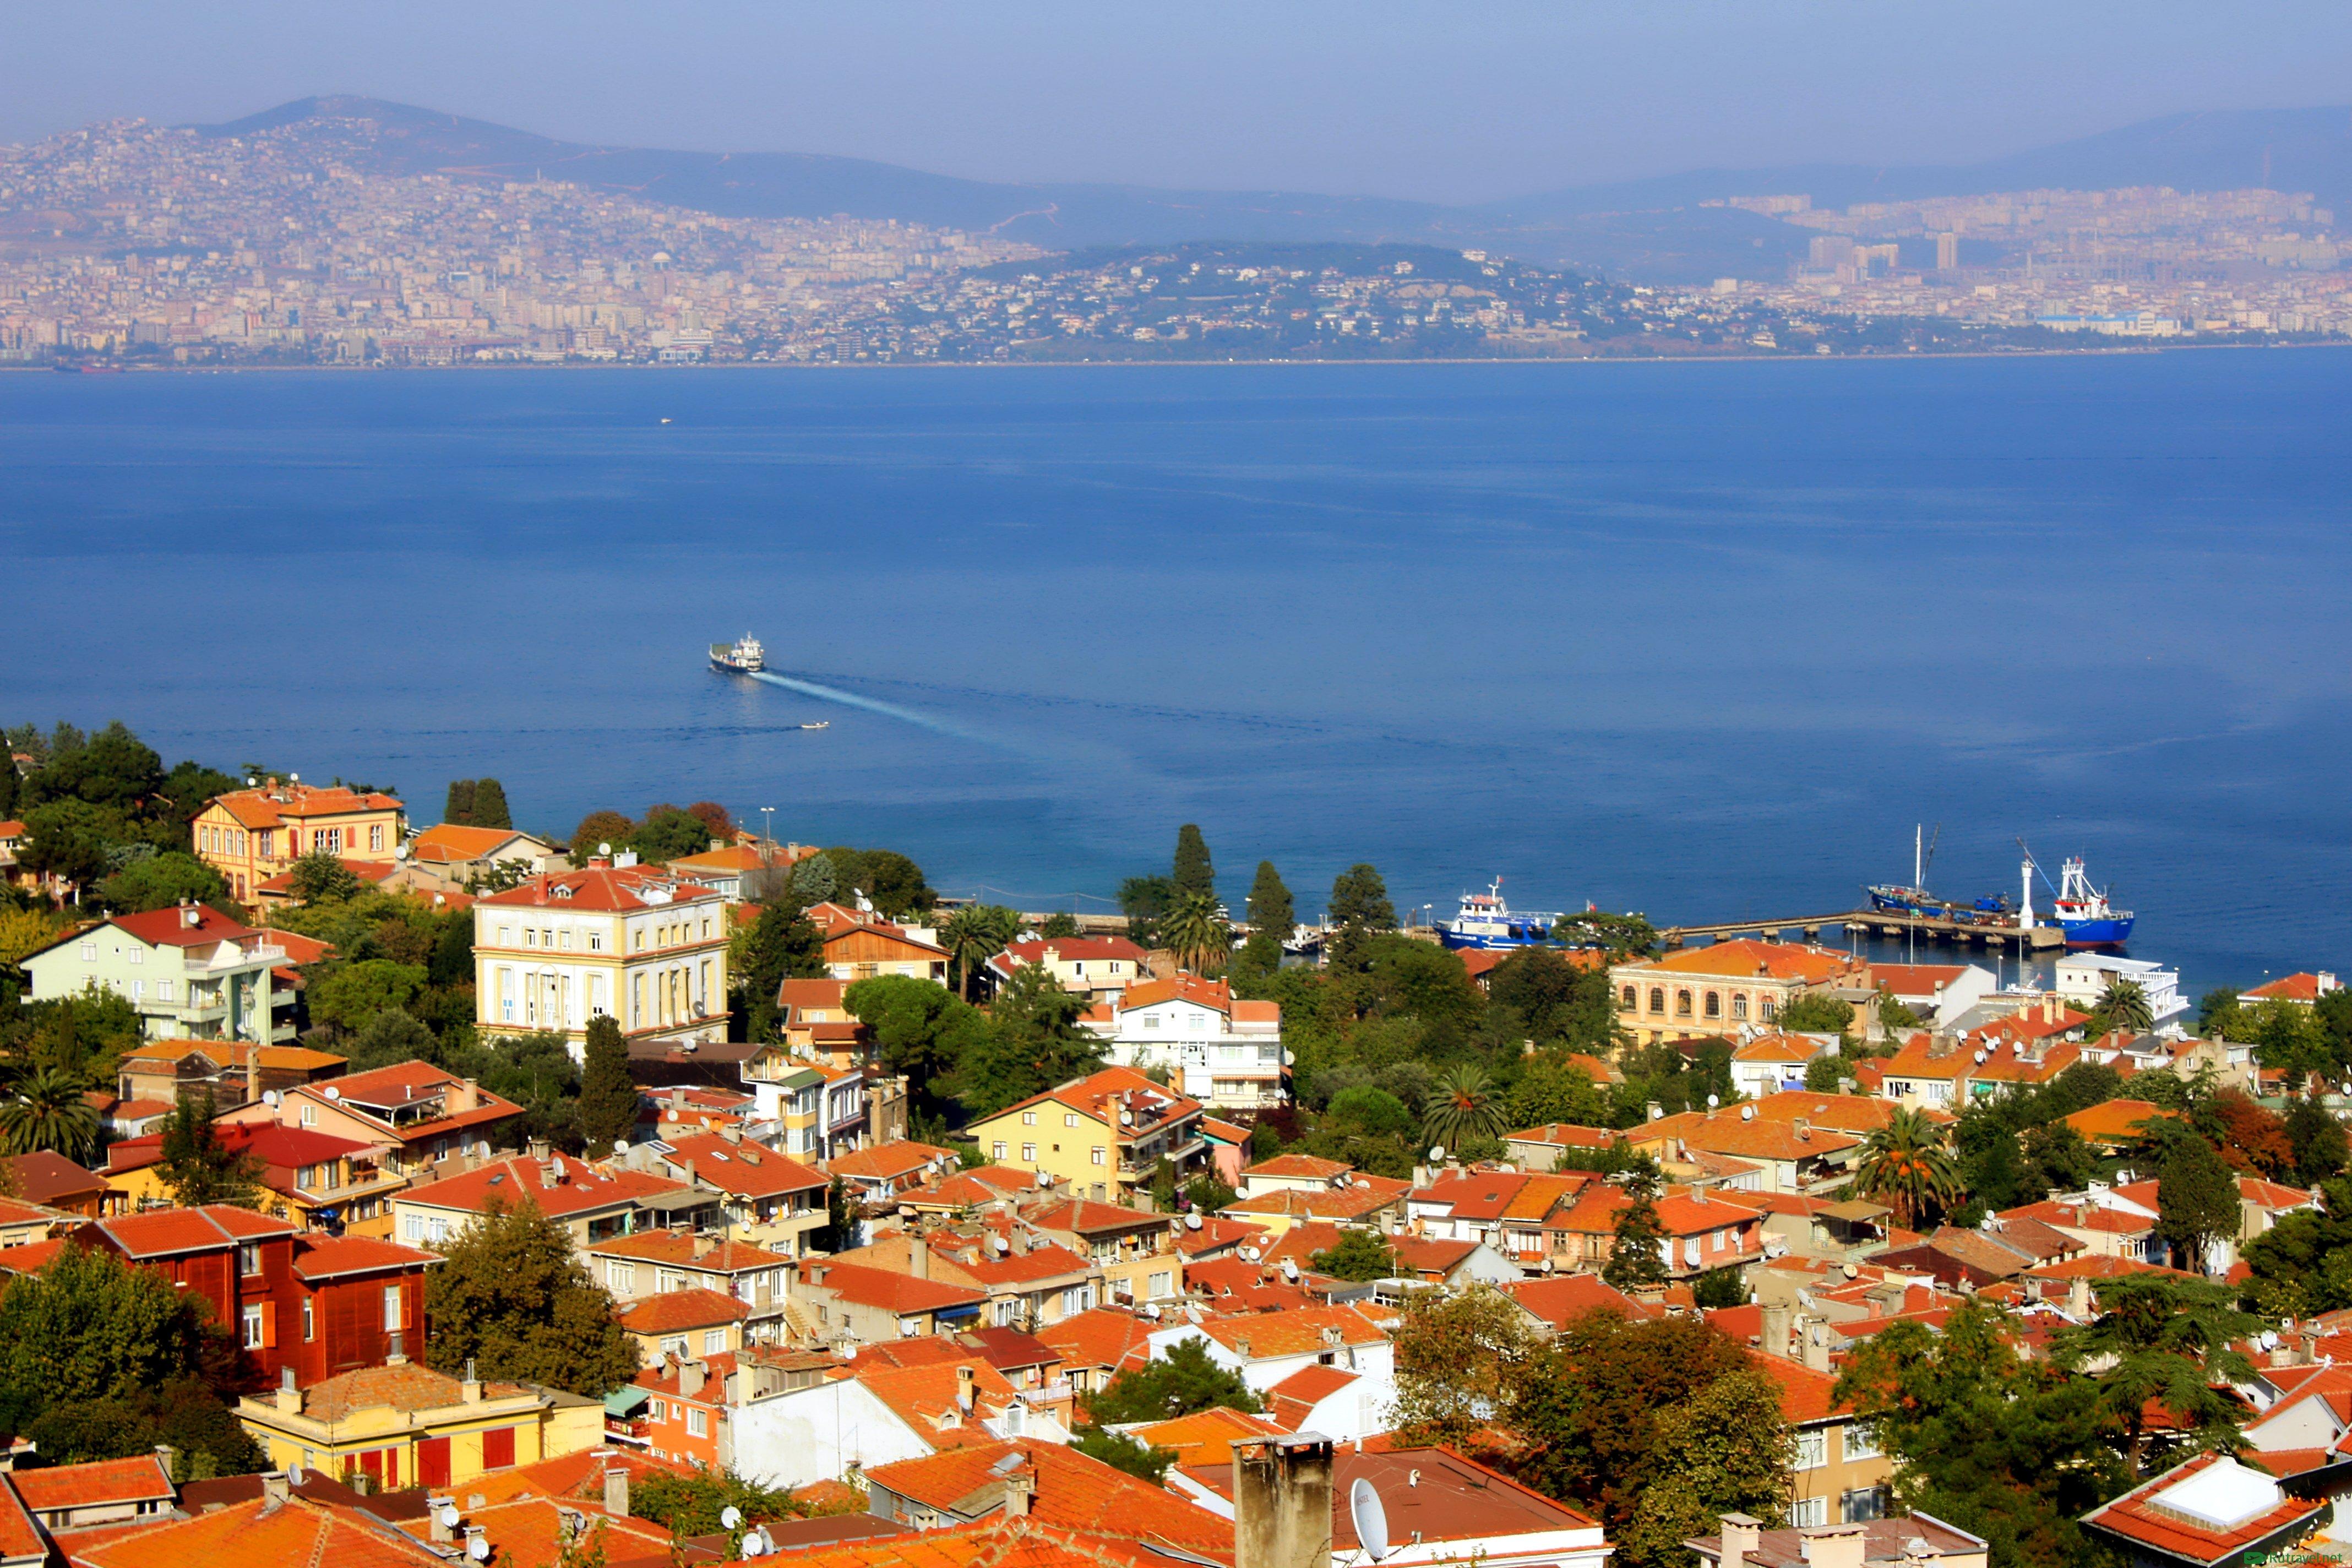 Принцевы острова в Стамбуле - фото, история островов, пейзажи на островах,  как добраться и другая информация